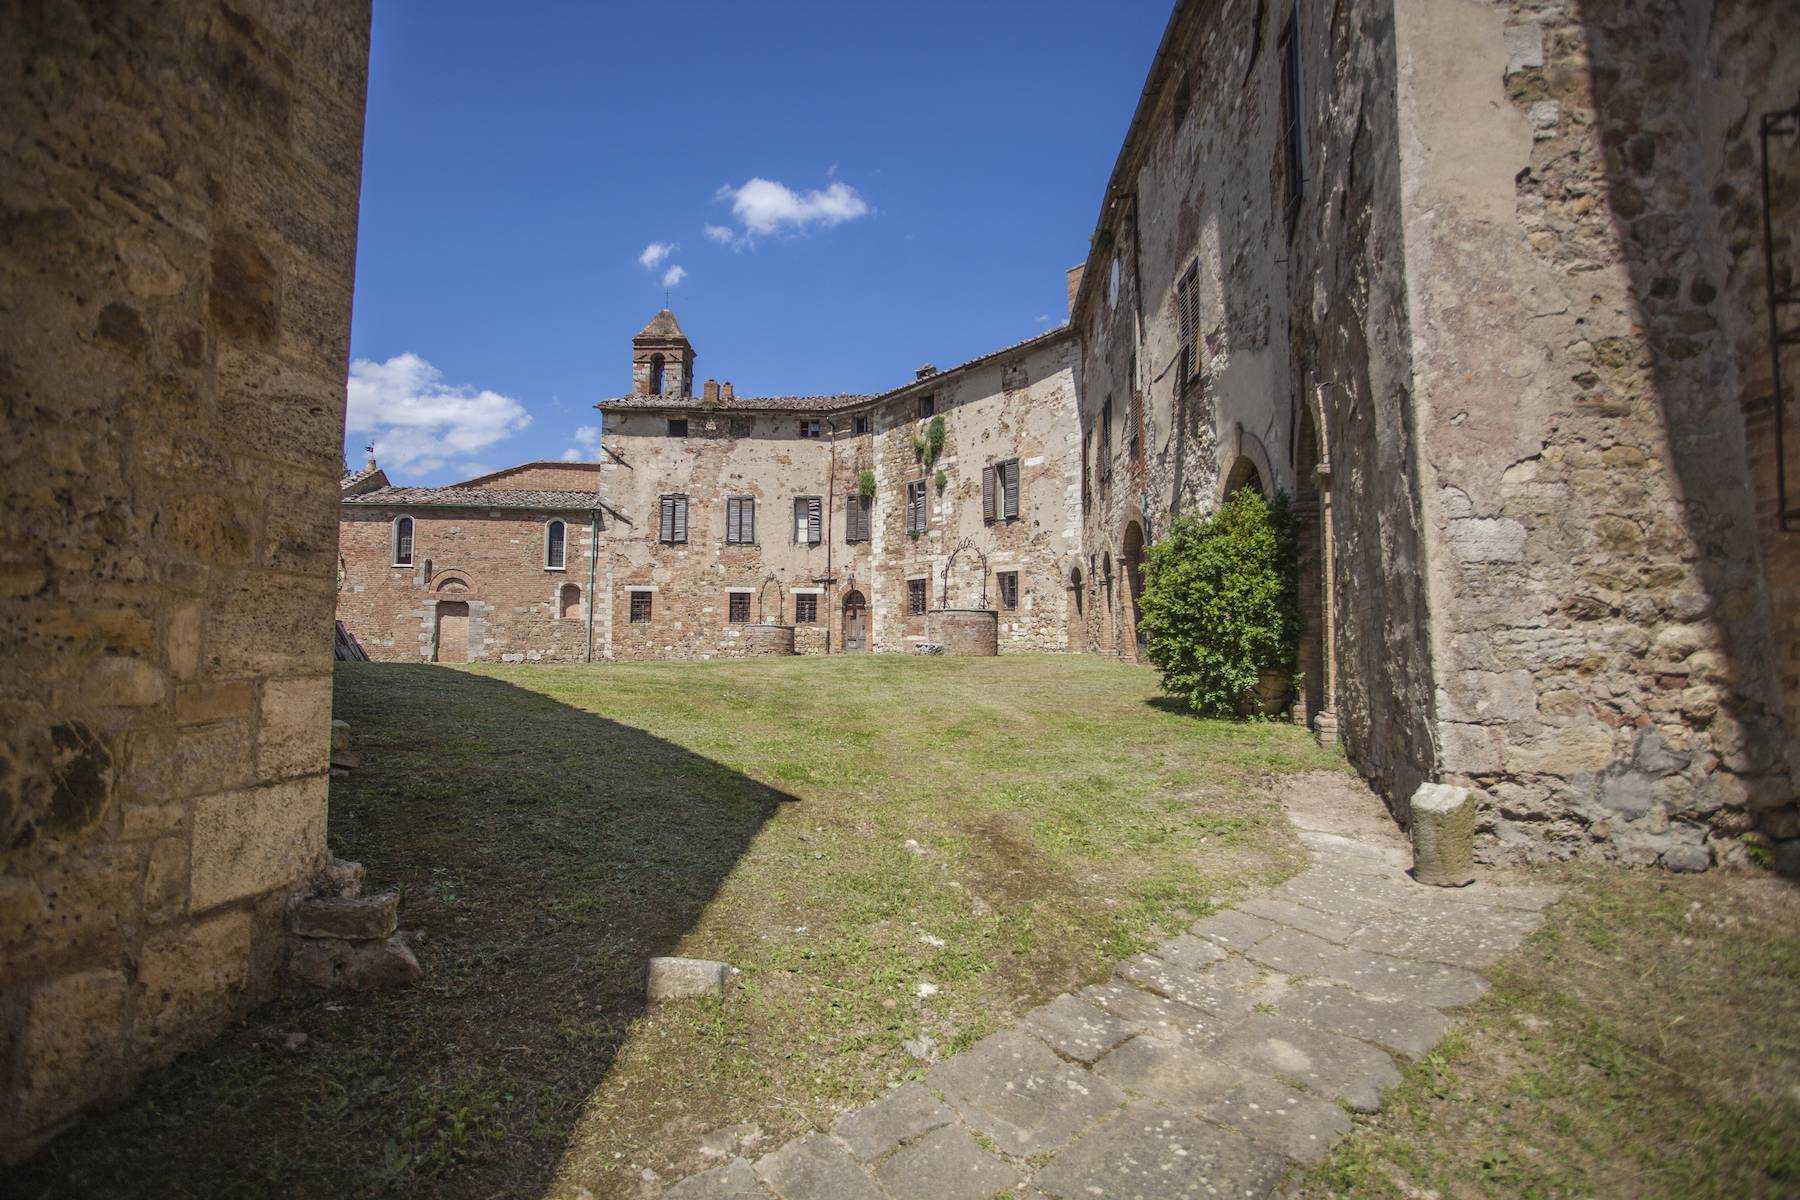 Incroyable château et hameau du 12ème siècle dans la campagne de Sienne - 4